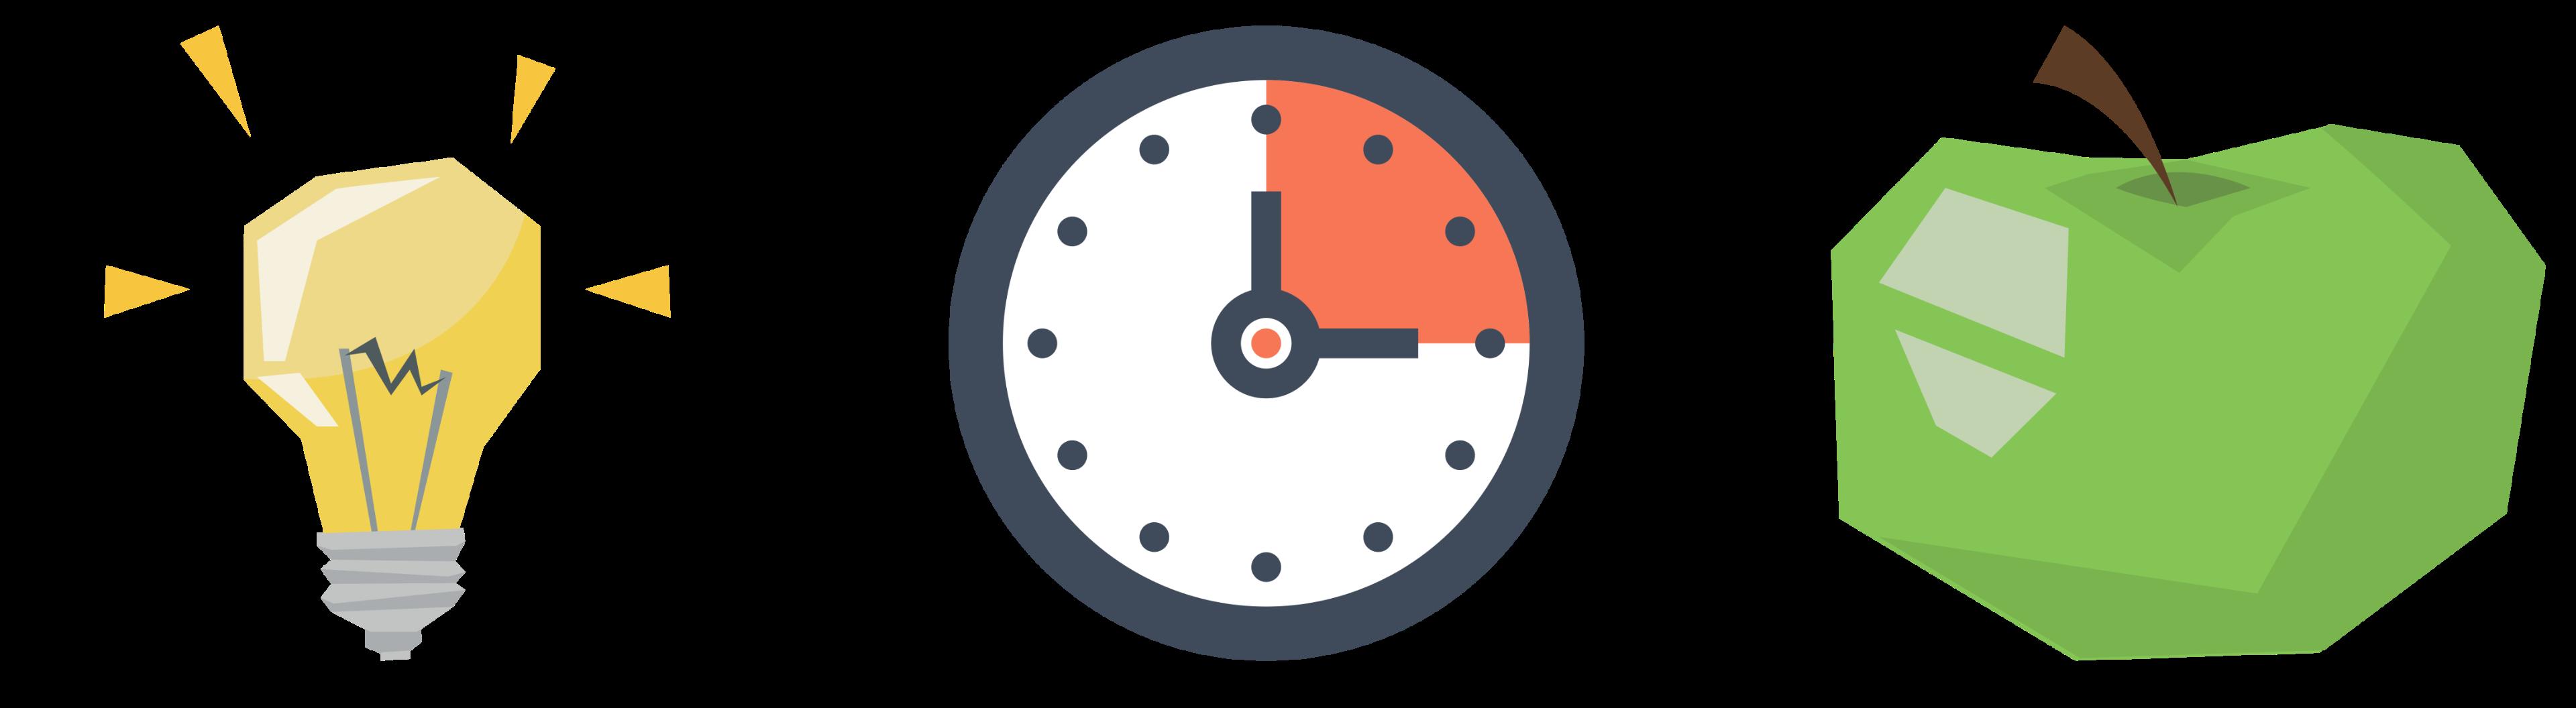 Grafik-Symbole für Simple, Schnell und Knackig